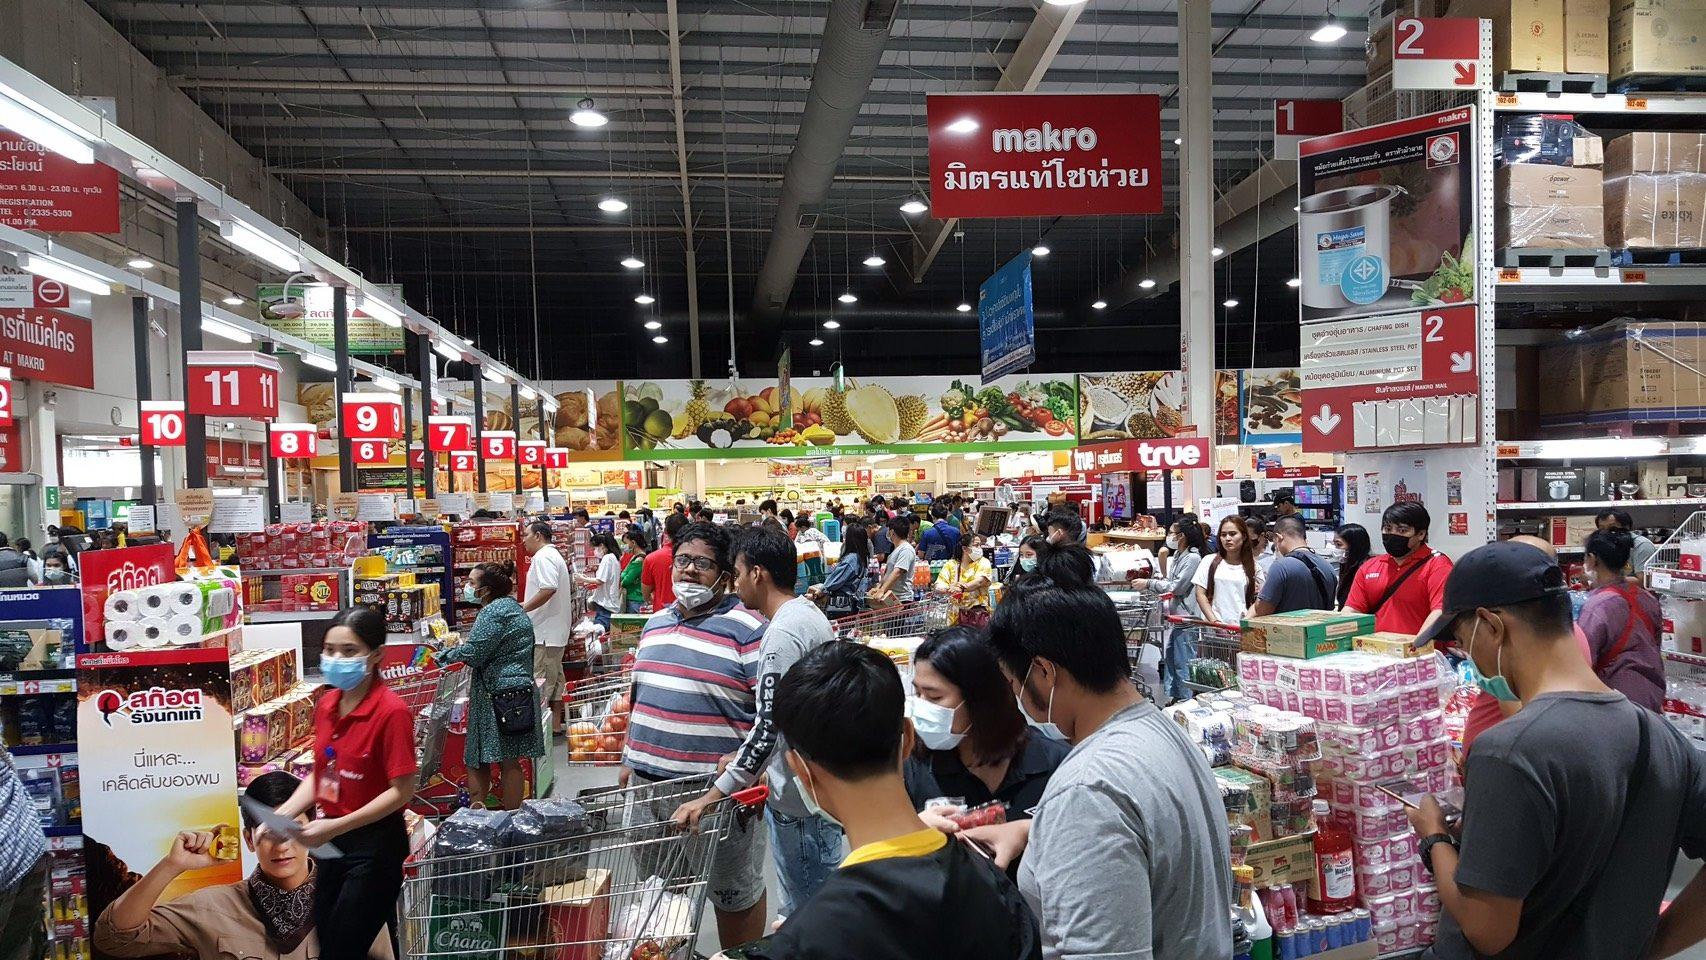 รับเคอร์ฟิว ปทุมฯแห่ซื้อเสบียงห้างแม็คโครแน่น ต้องสั่งสินค้าเพิ่มด่วน เผยห้างปรับเวลาเปิด-ปิด